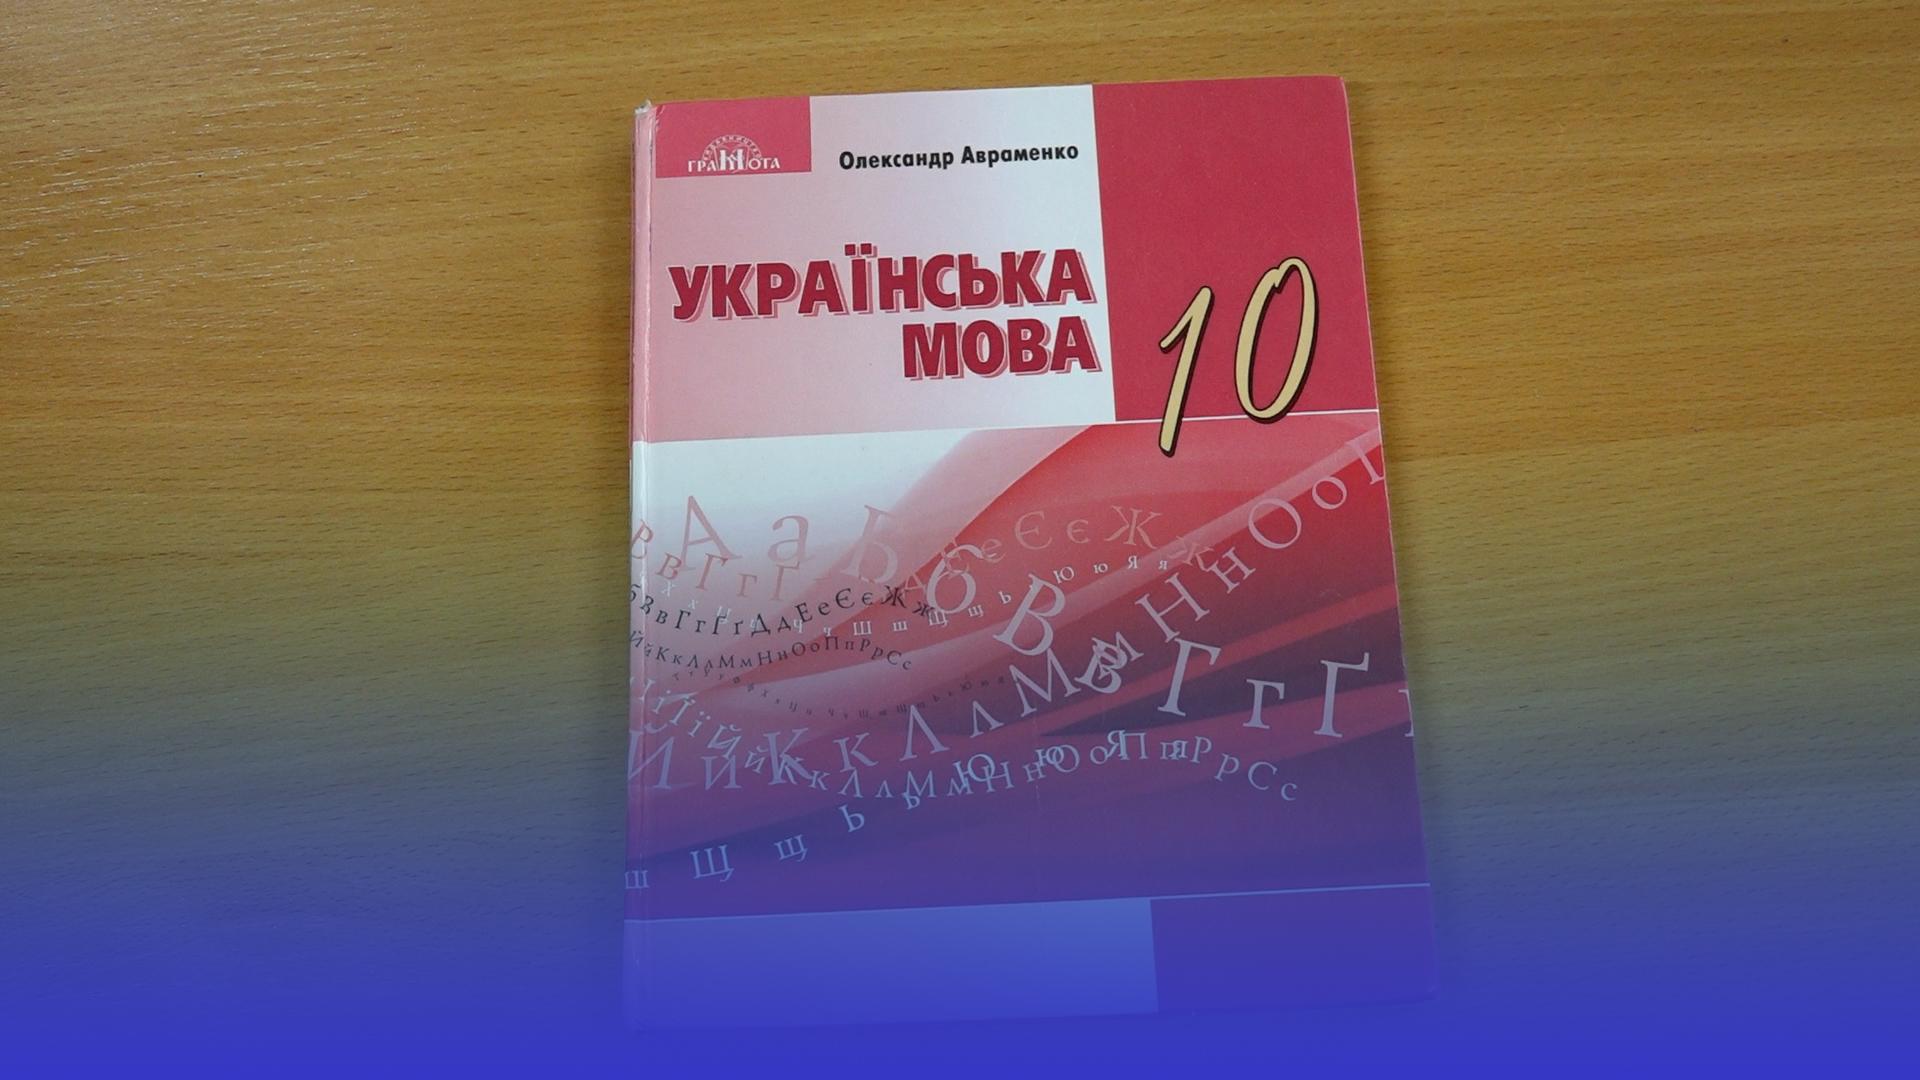 Скандальний підручник: у вправі з української мови – посилання на сайт для дорослих